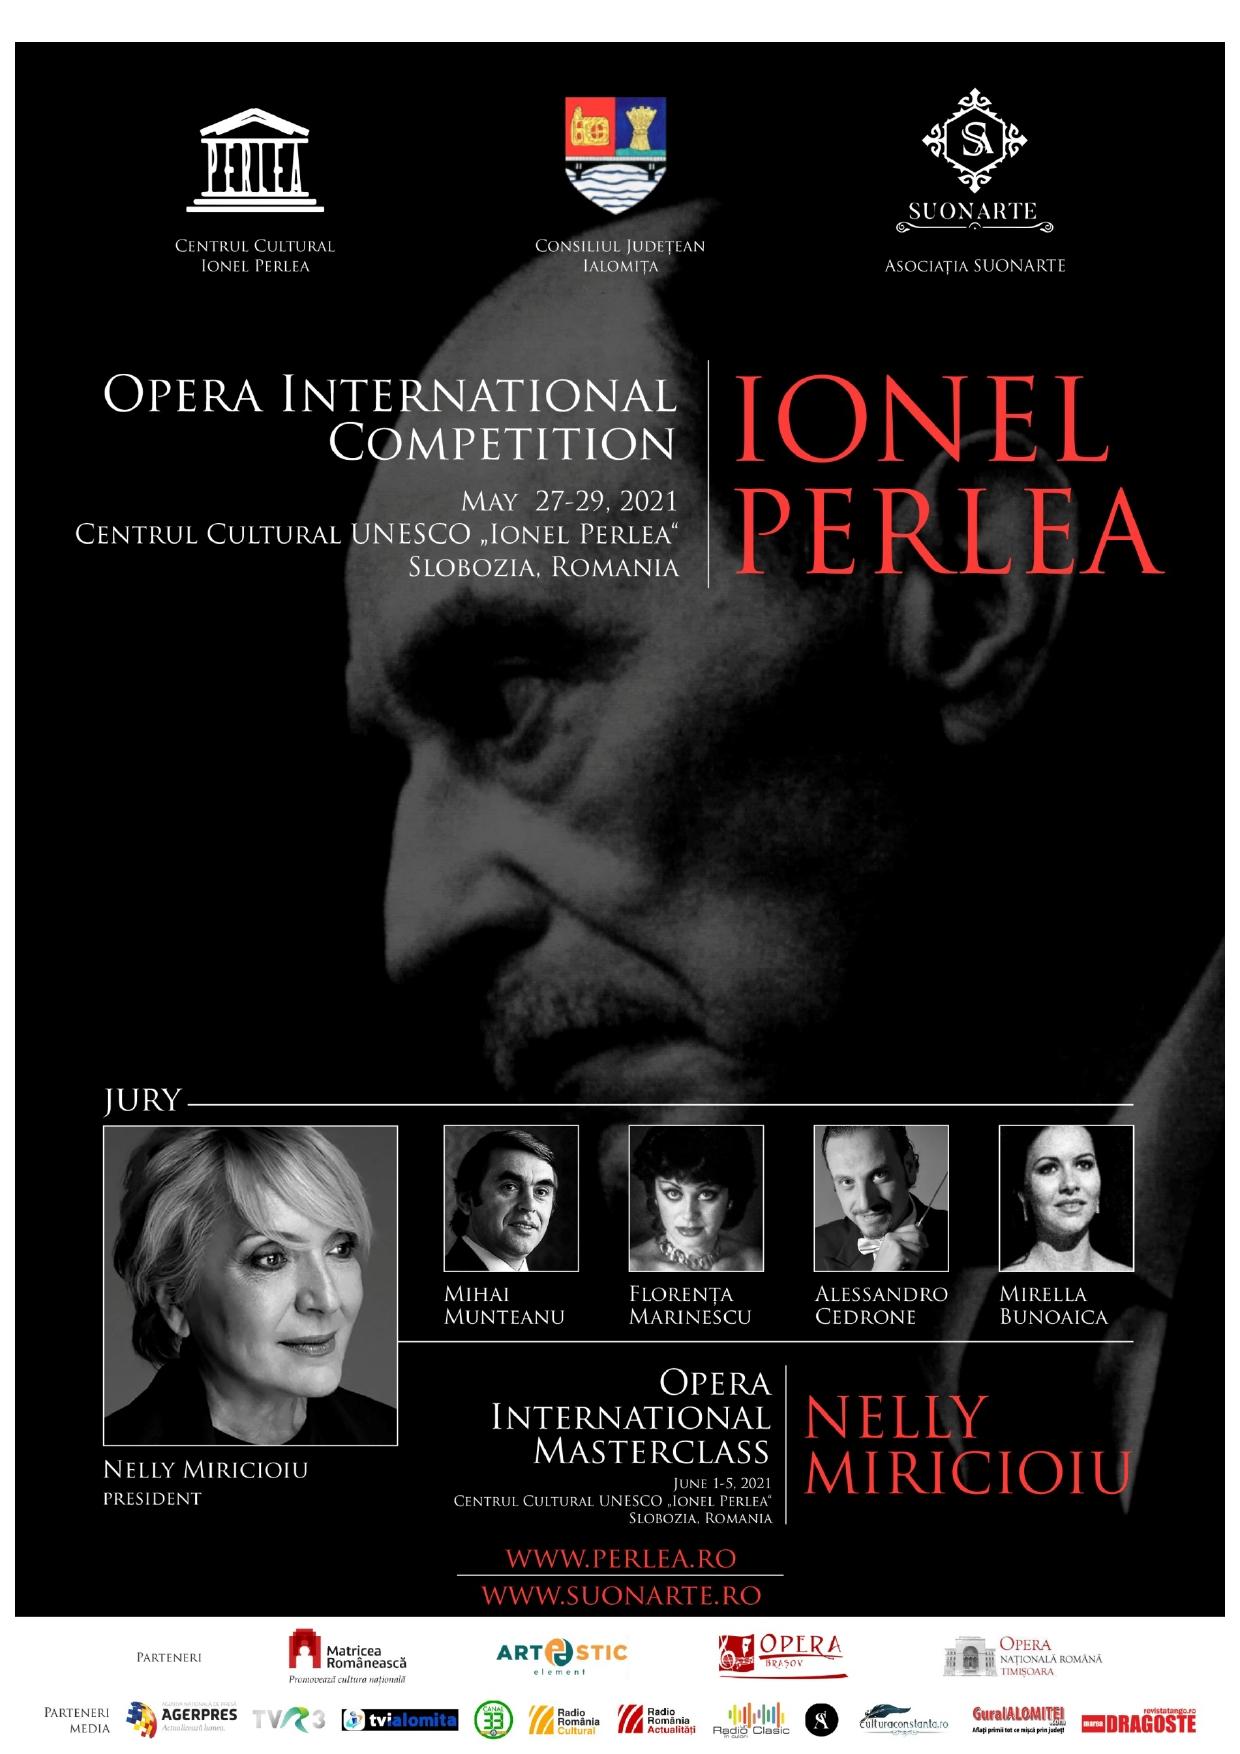 """Concursul internaţional de canto ,,Ionel Perlea"""" 27 – 29 mai 2021, Slobozia, Ialomiţa, România — Evidențiat"""